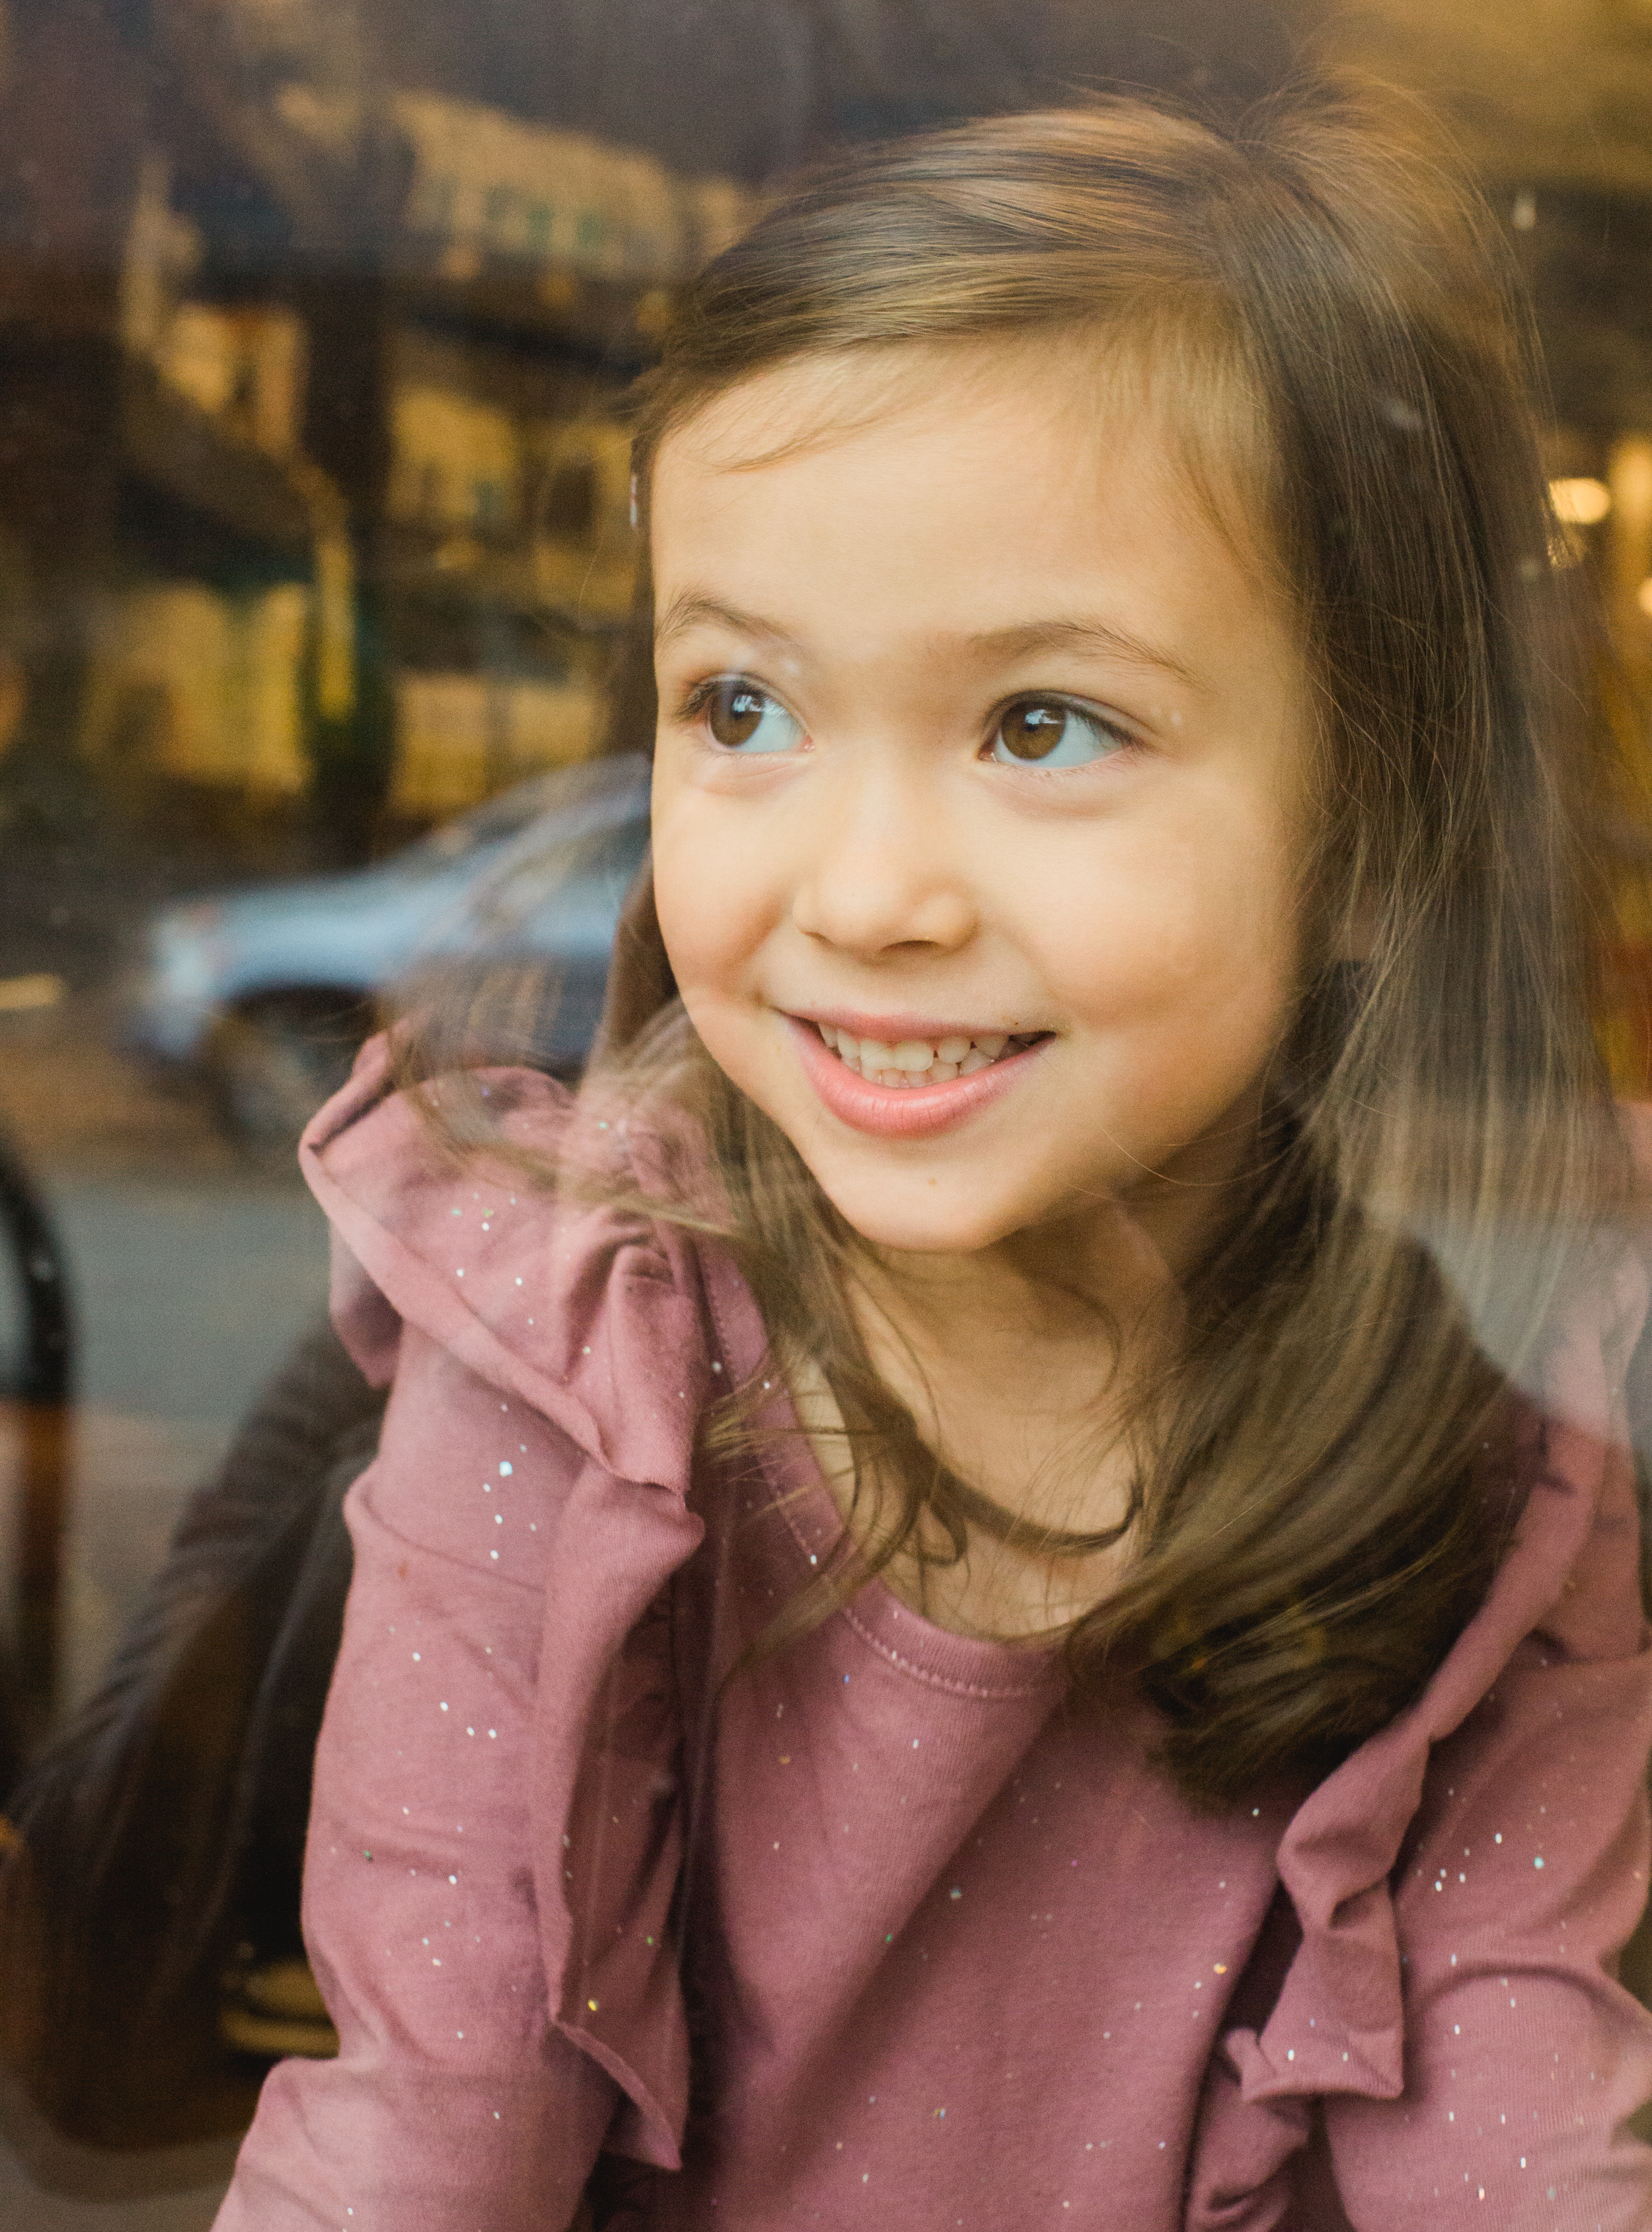 Joy-Uyeno-Massachusetts-Family-Photographer.jpg